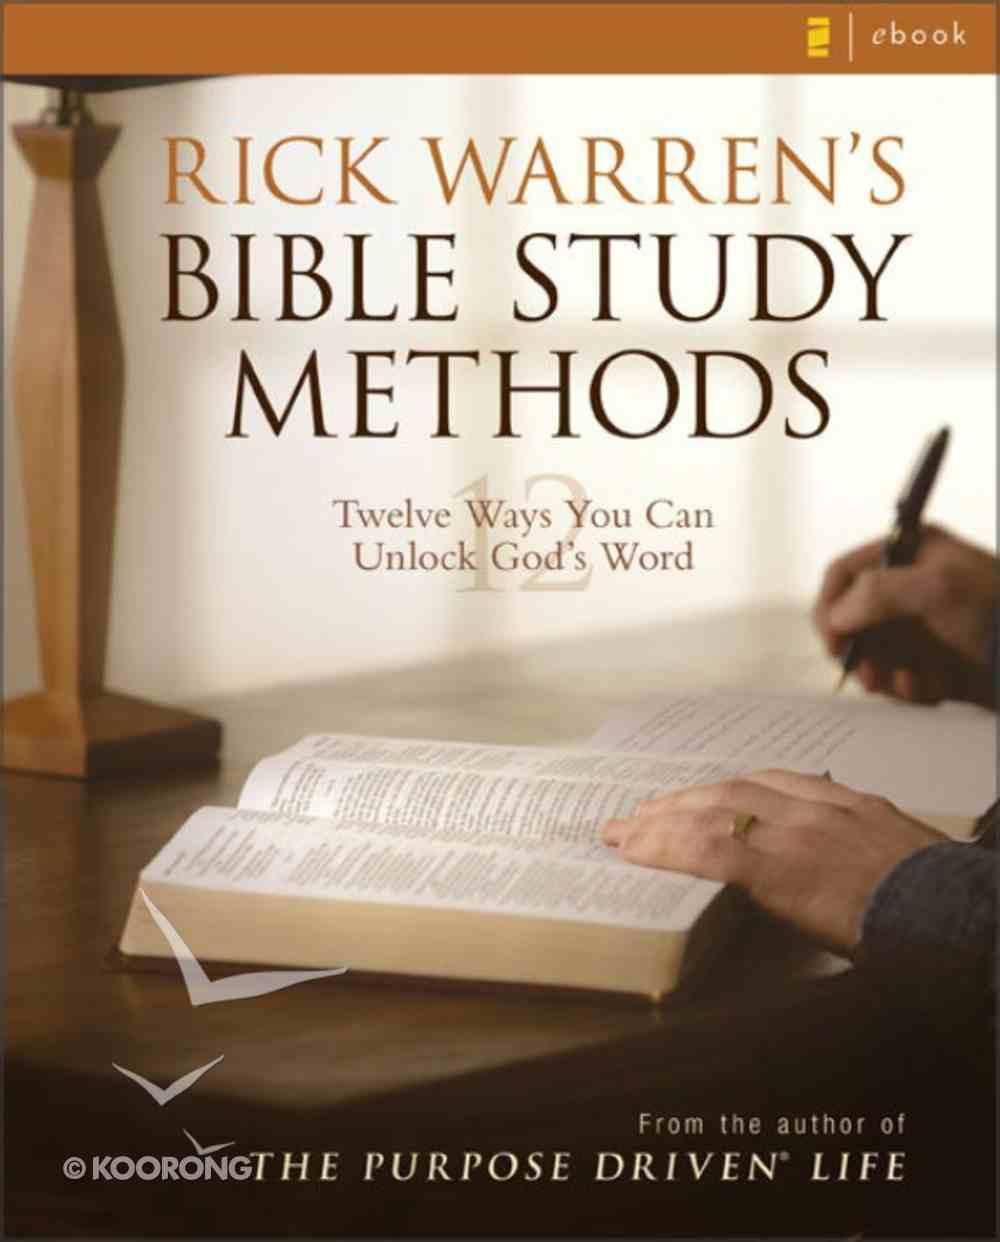 Rick Warren's Bible Study Methods eBook